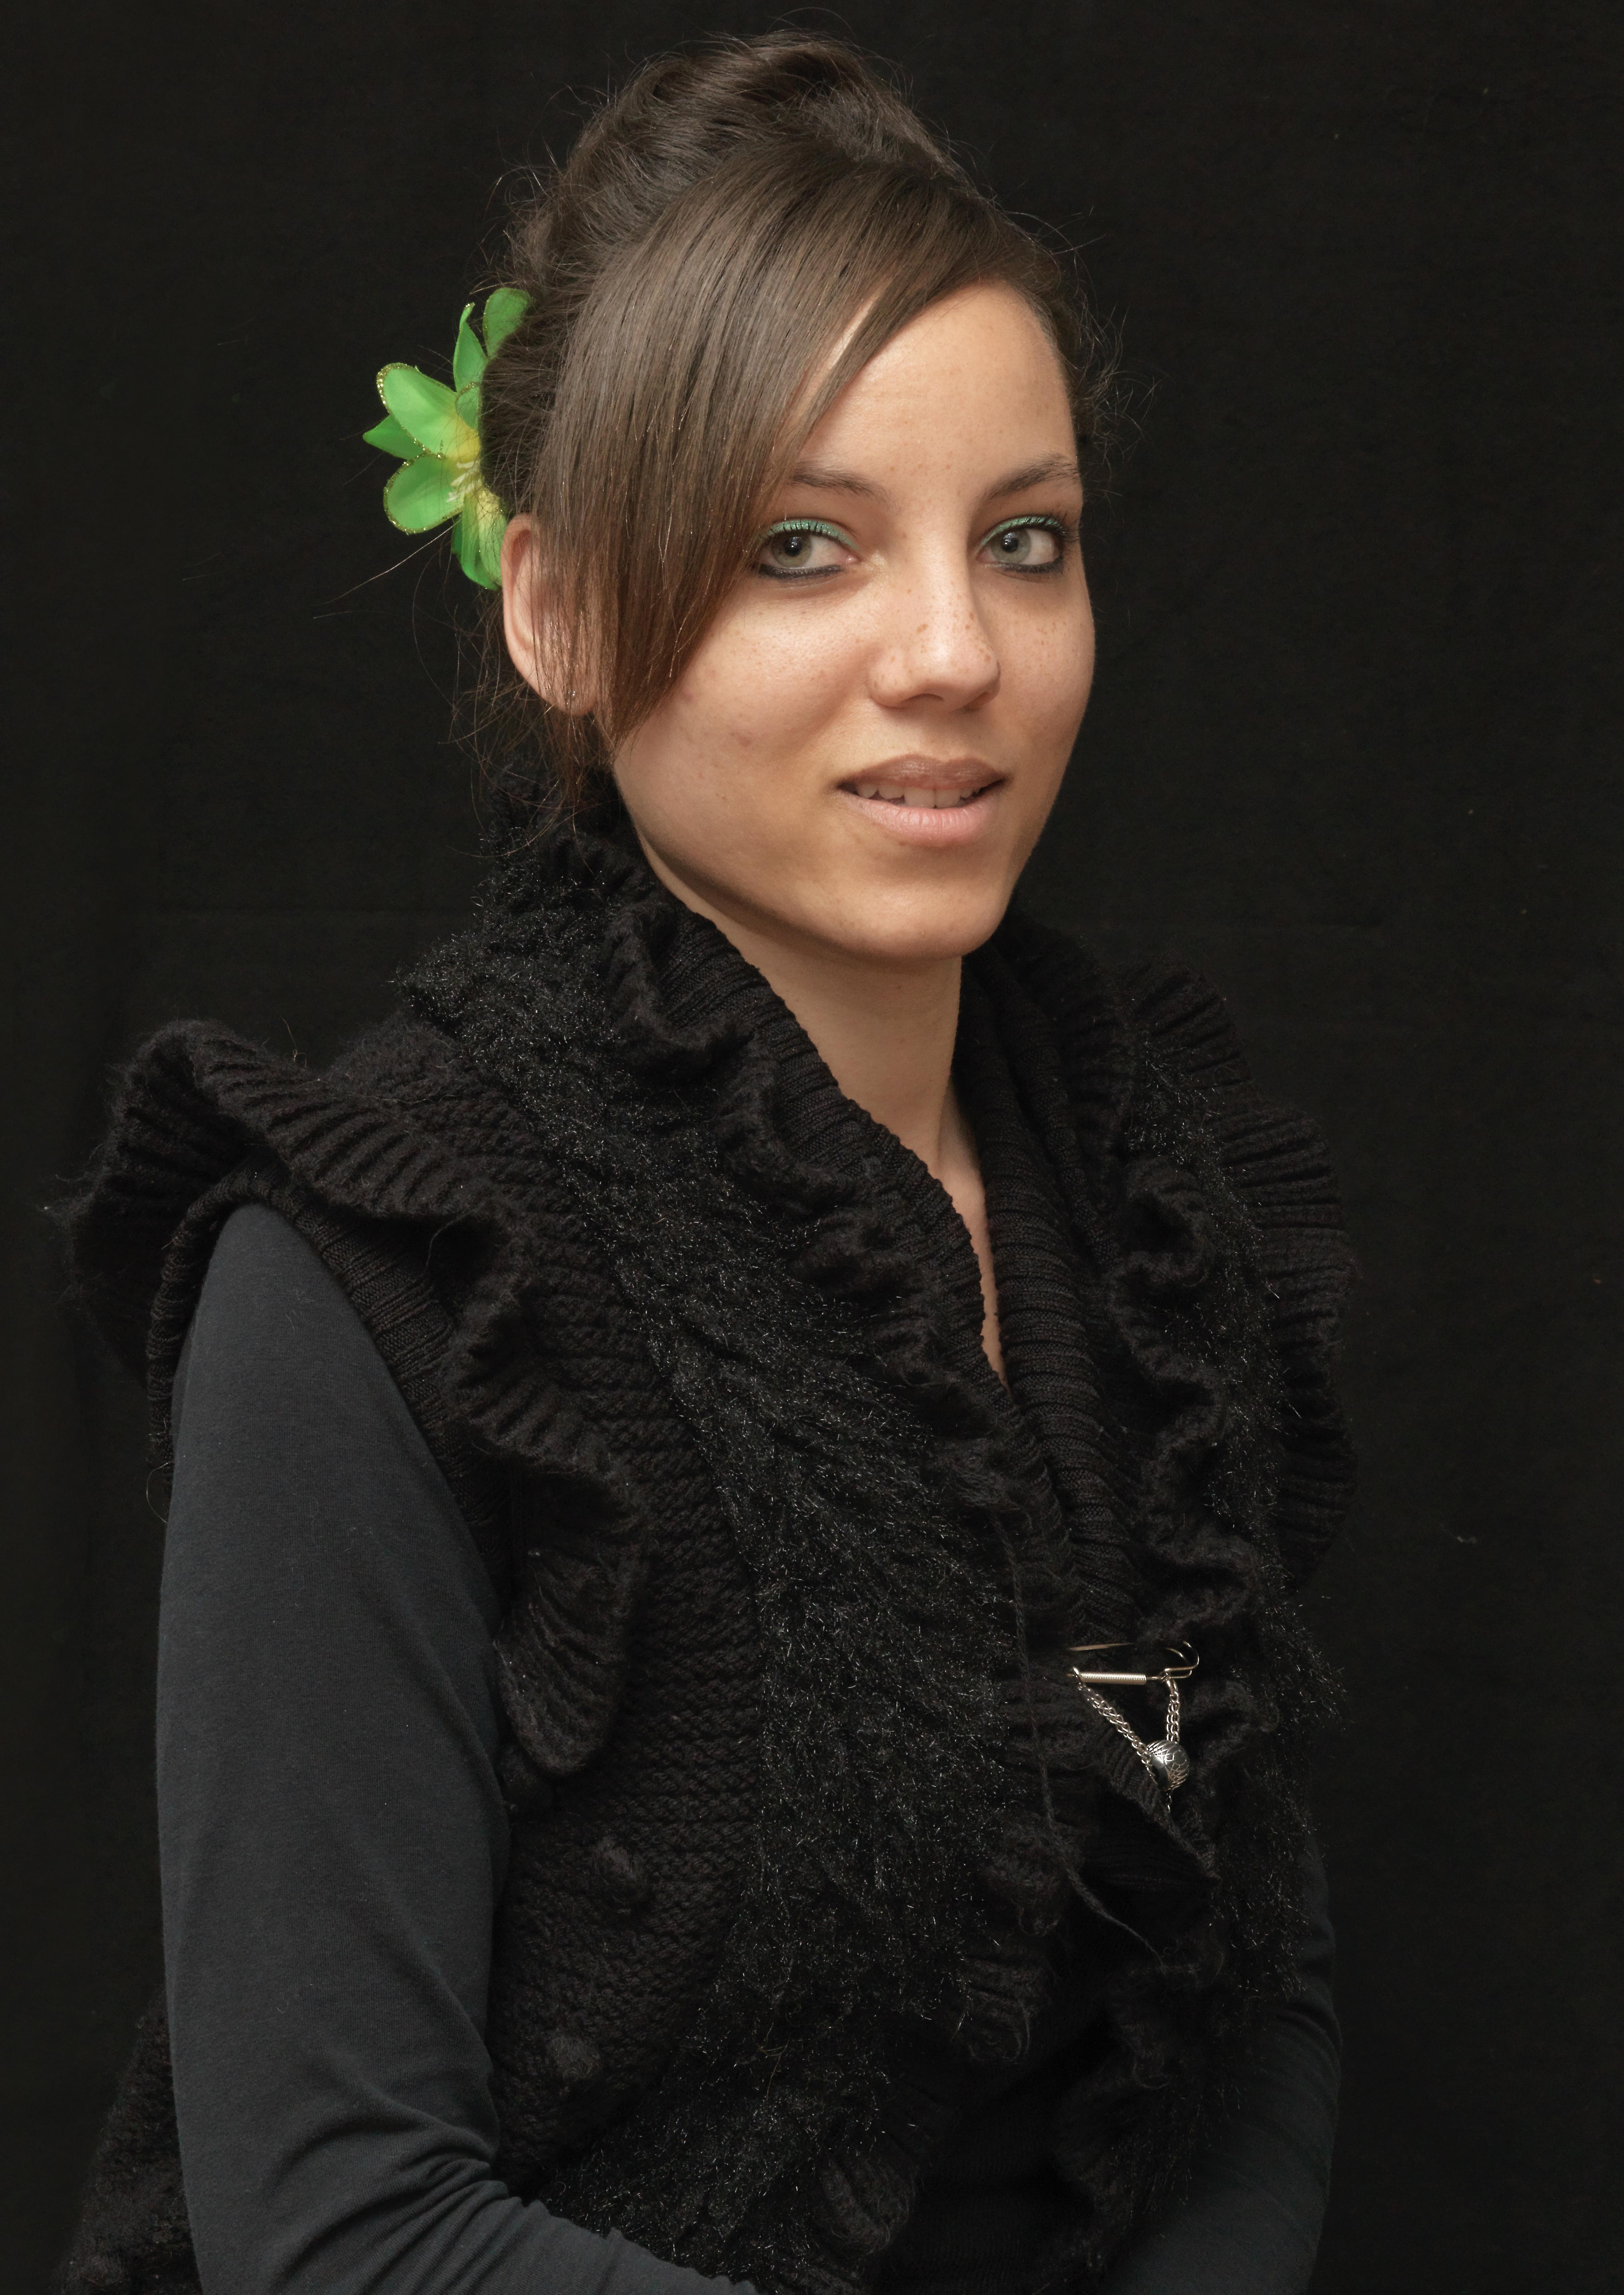 Lindsay Longueville